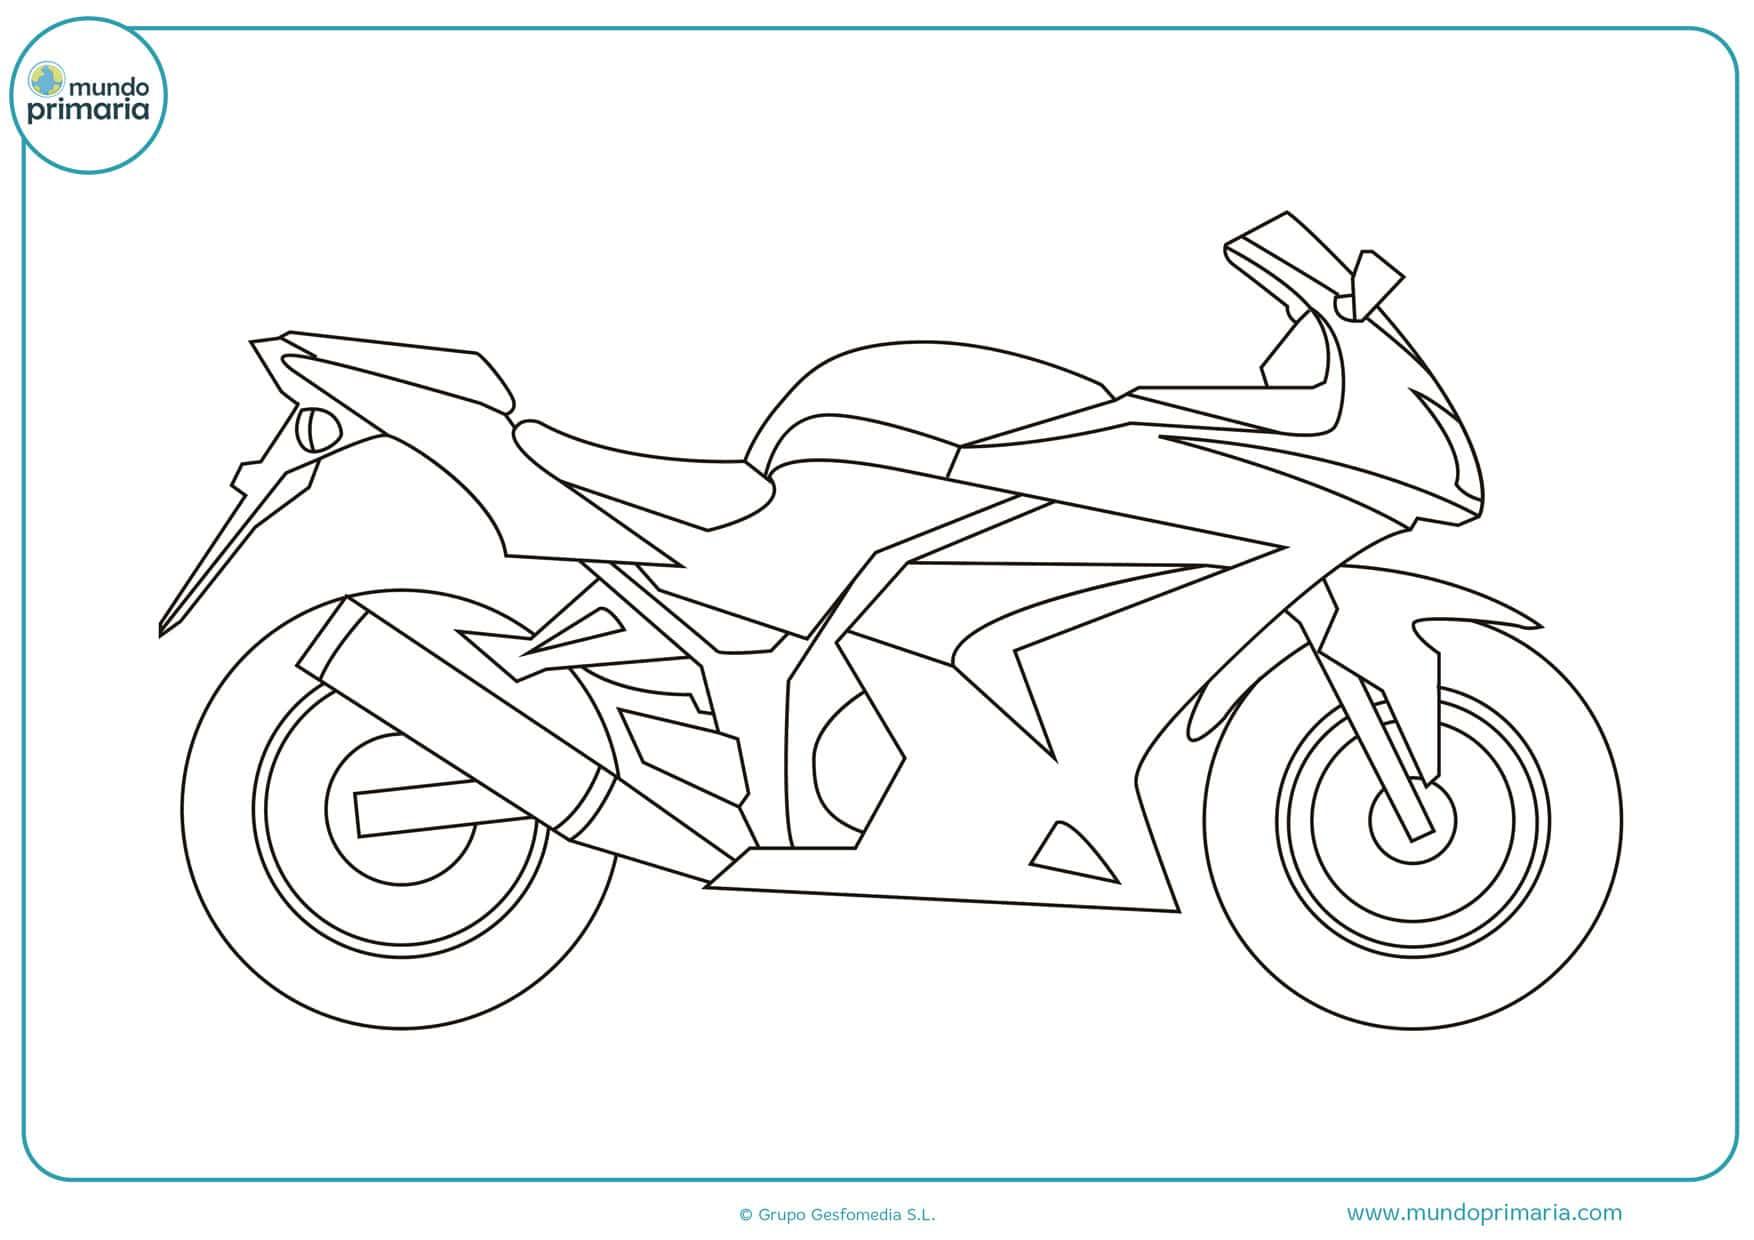 Dibujos De Motos Para Colorear Imprimir Y Pintar